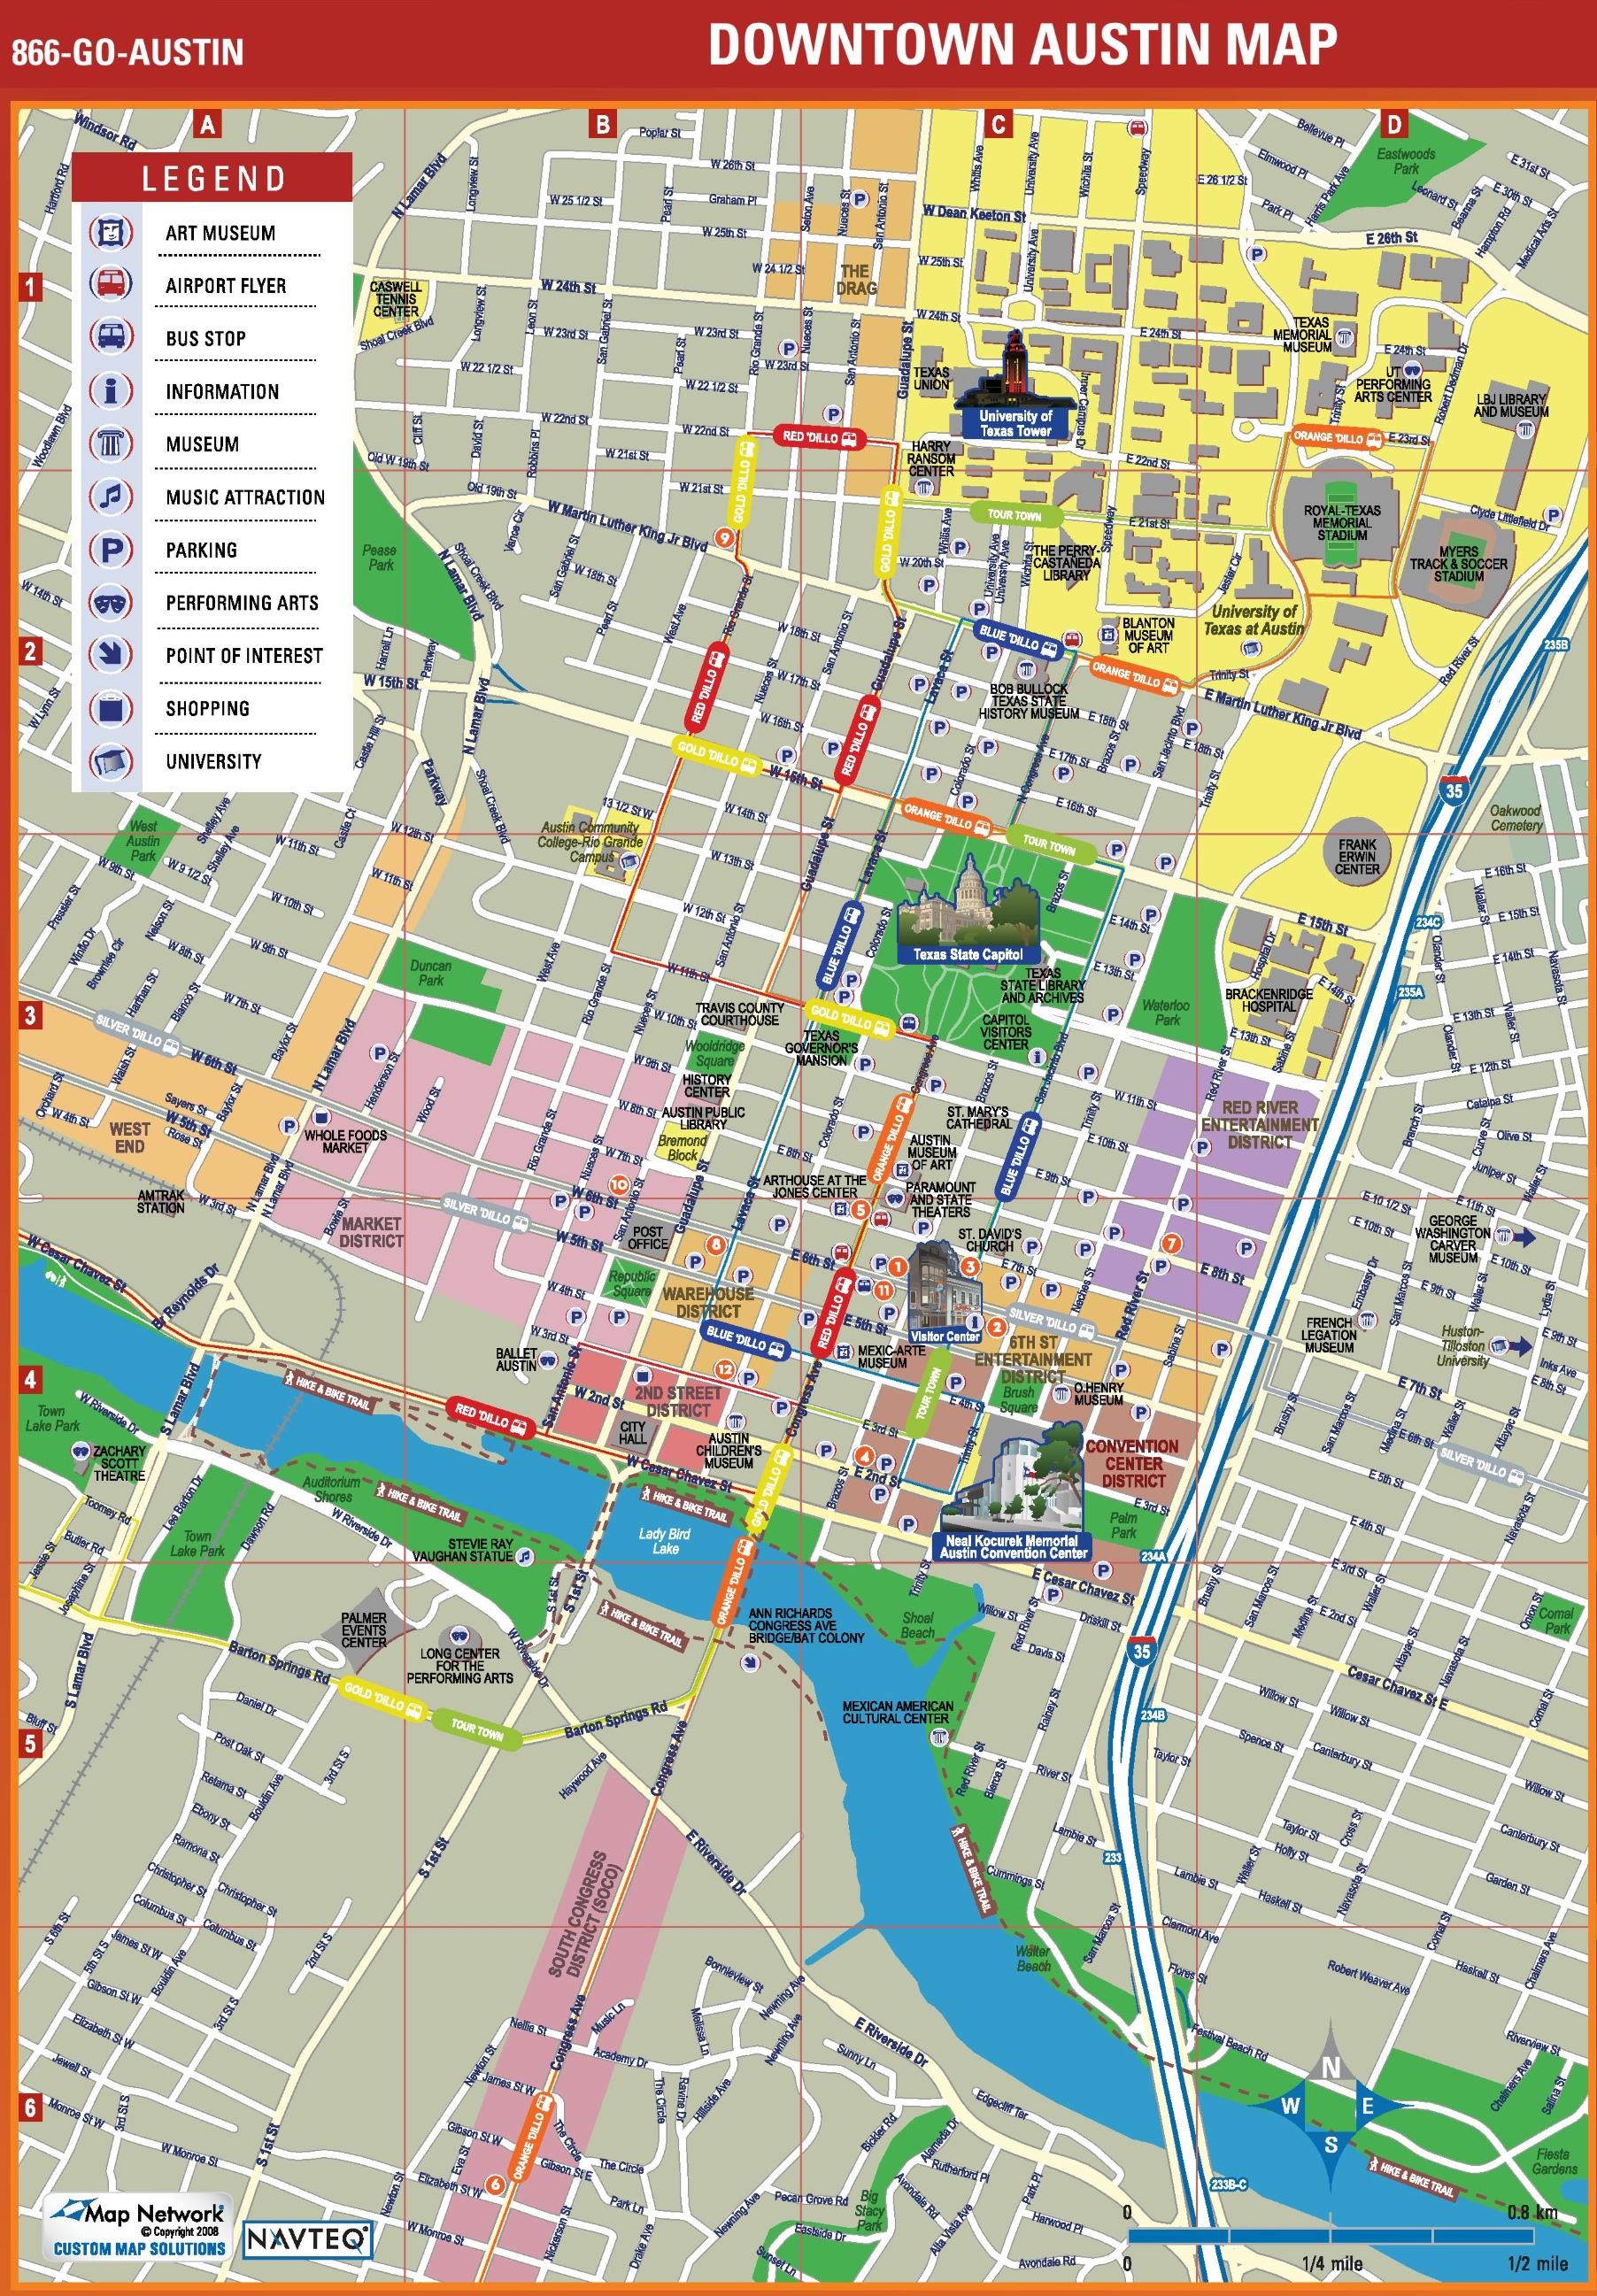 Austin City Map Austin tourist attractions map Austin City Map